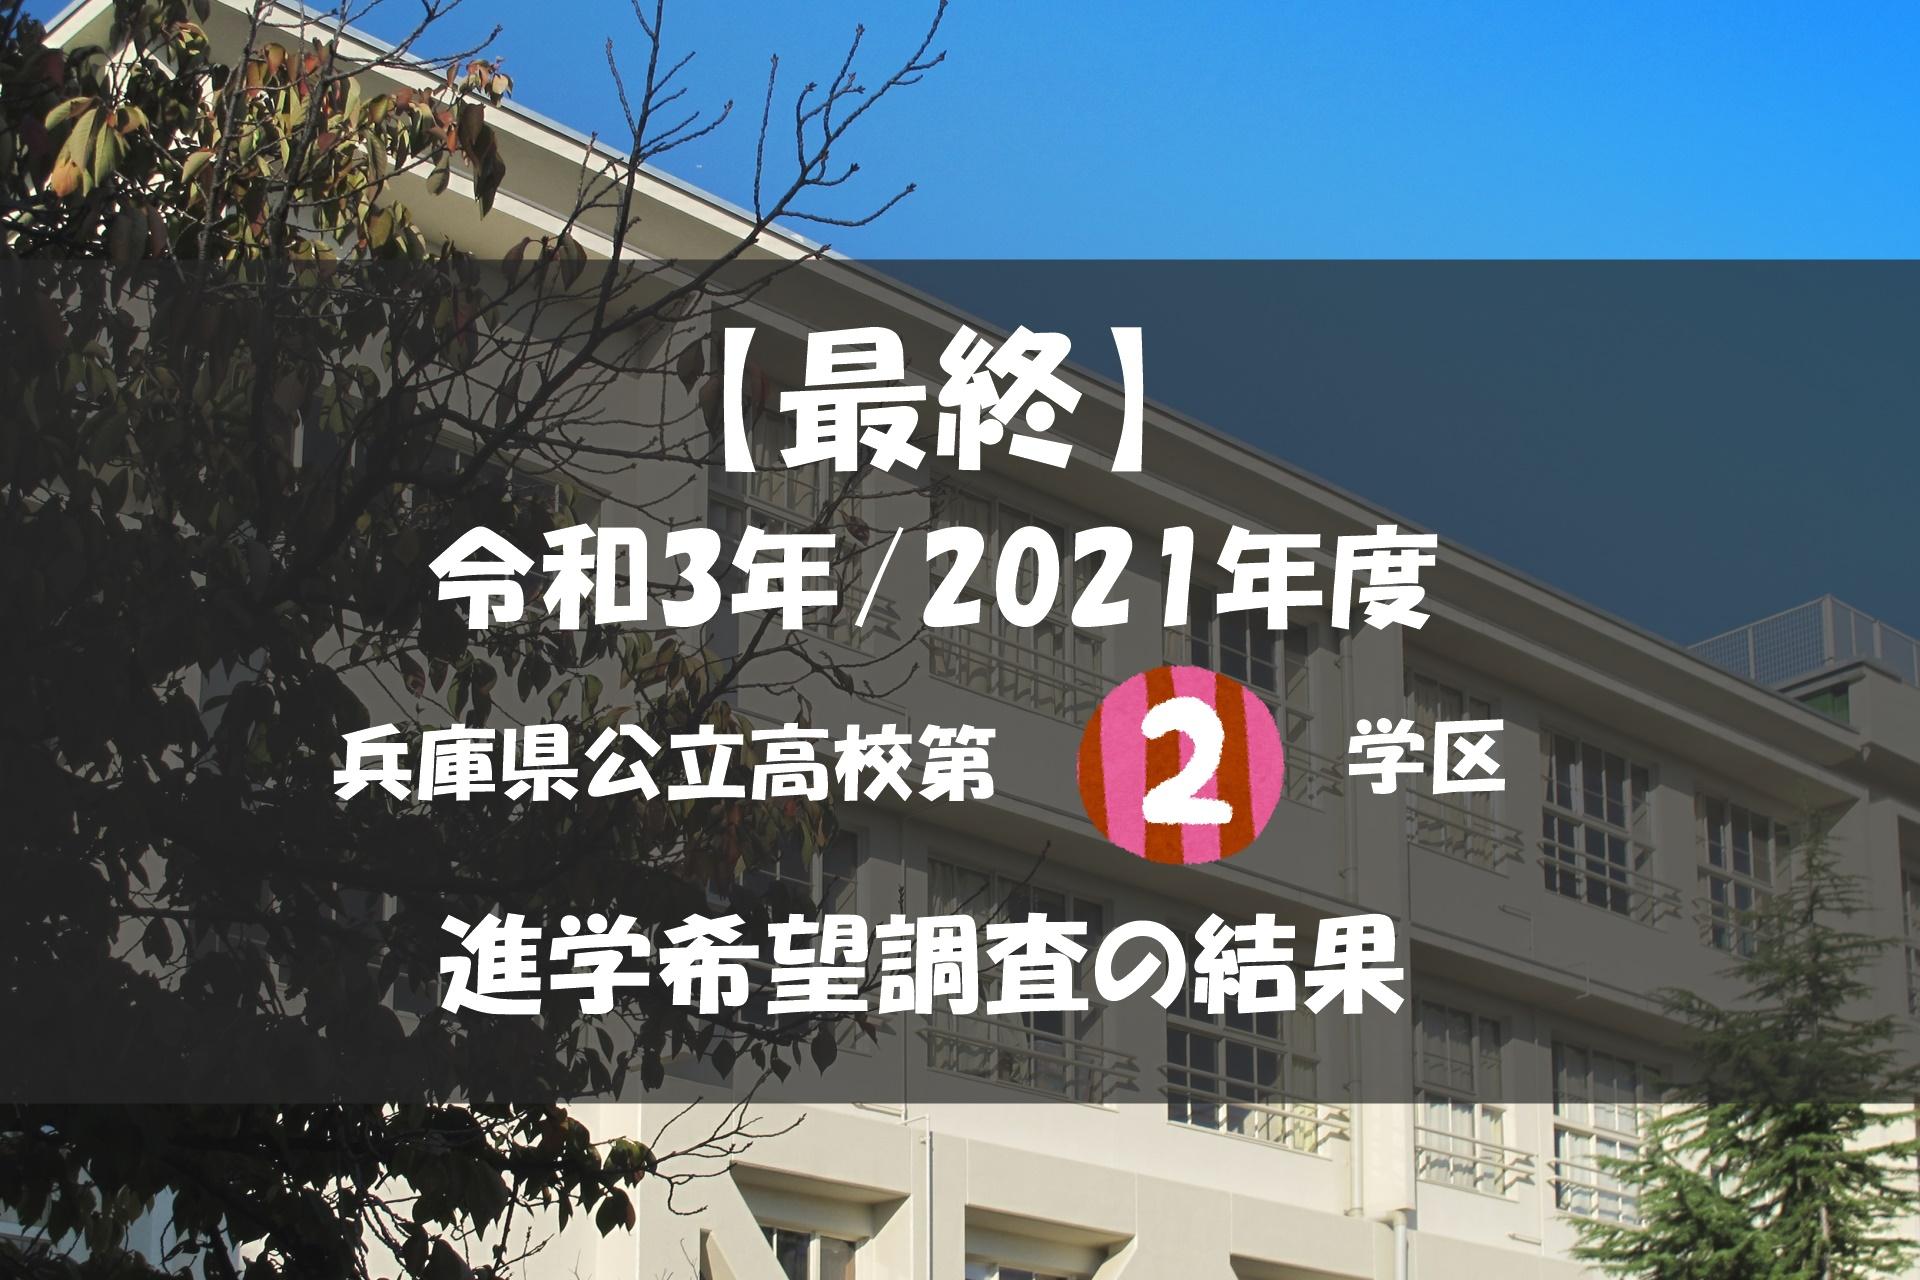 兵庫 県 公立 高校 倍率 2021 第 二 学区